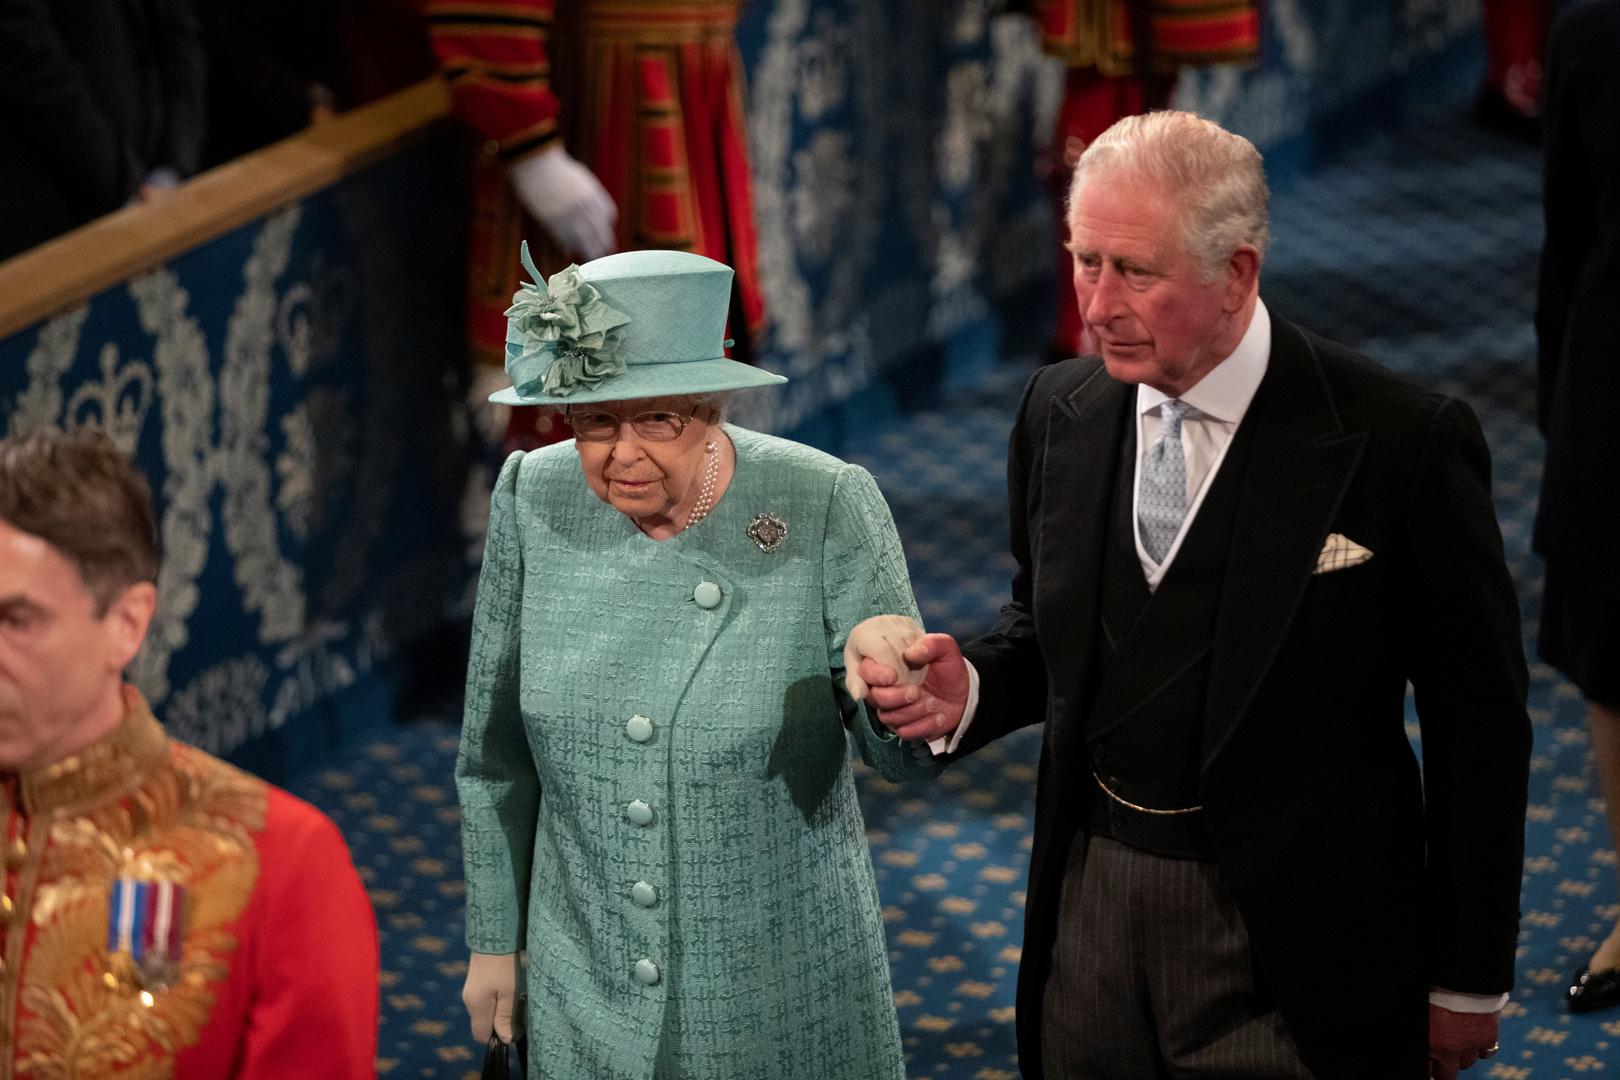 قصر باكنغهام يوضح موقف الملكة إليزابيث إزاء حركة